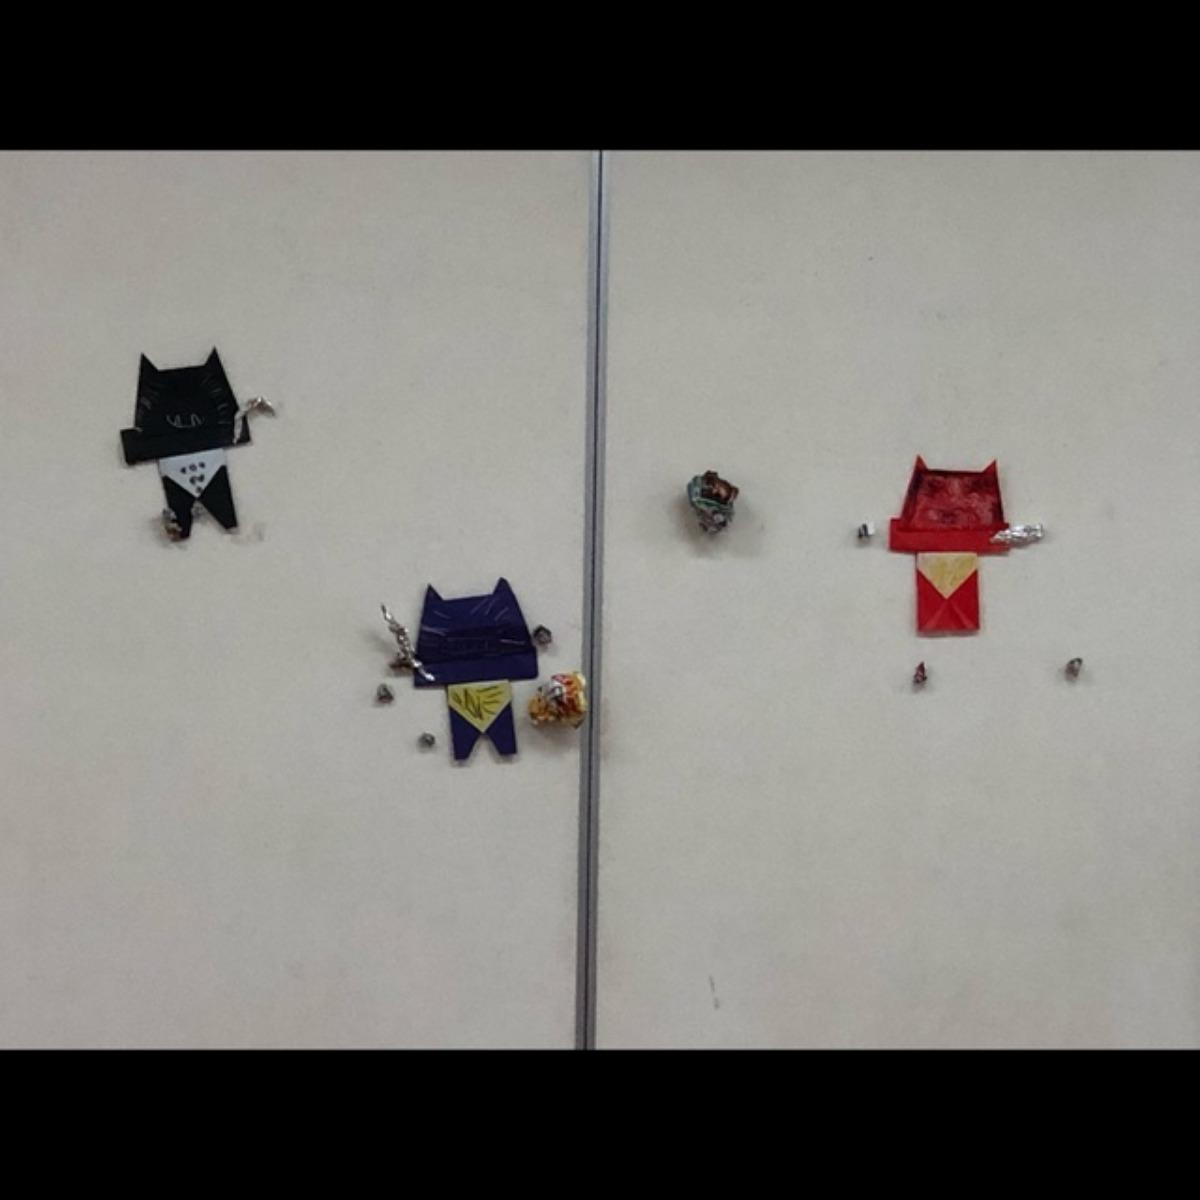 【アプリ投稿】4歳児 折り紙(鬼👹)